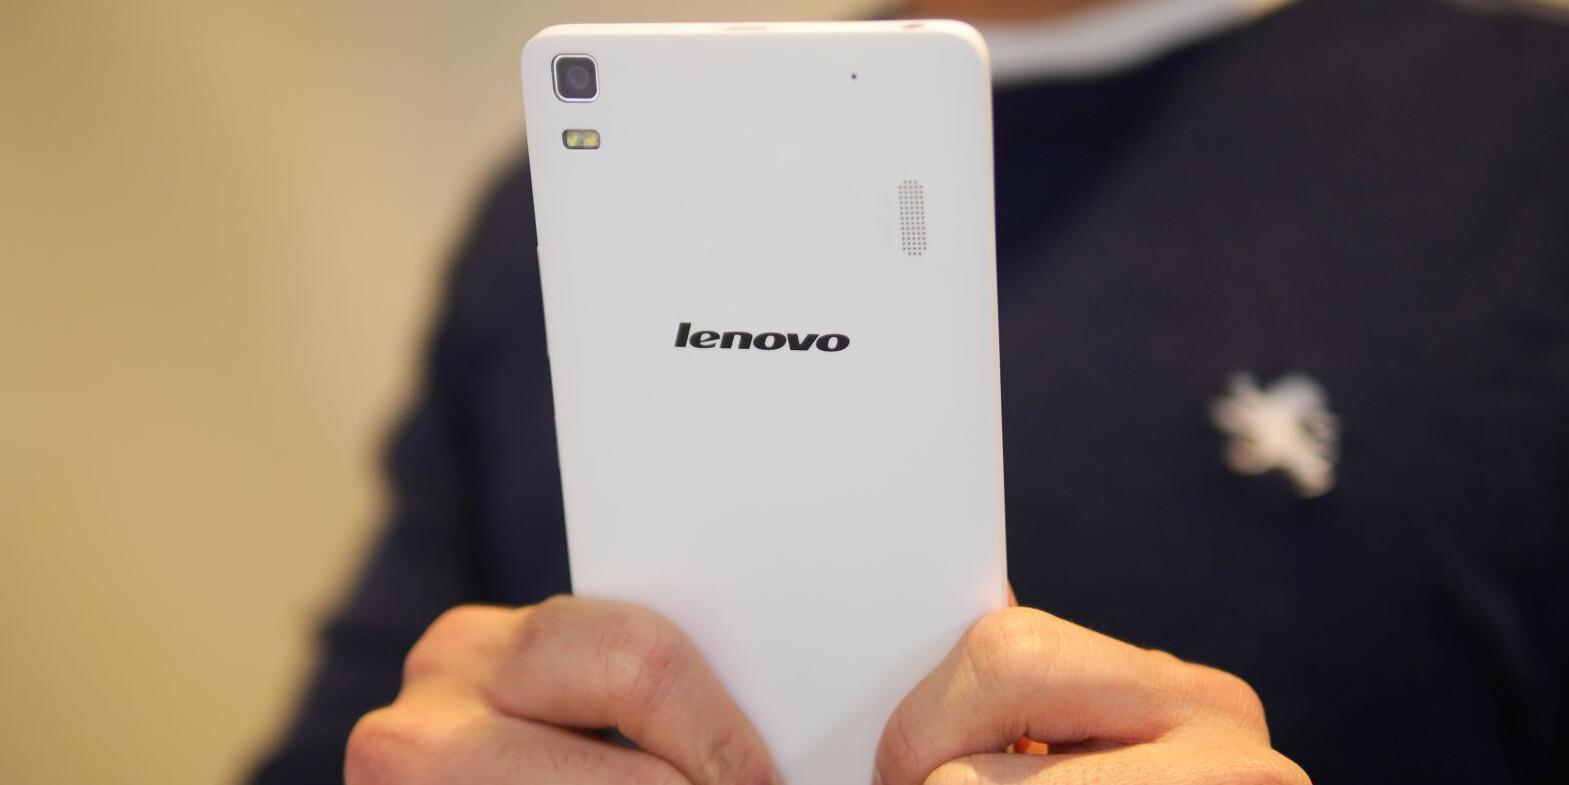 Smartphone Lenovo A7000: description, specifications, reviews 44